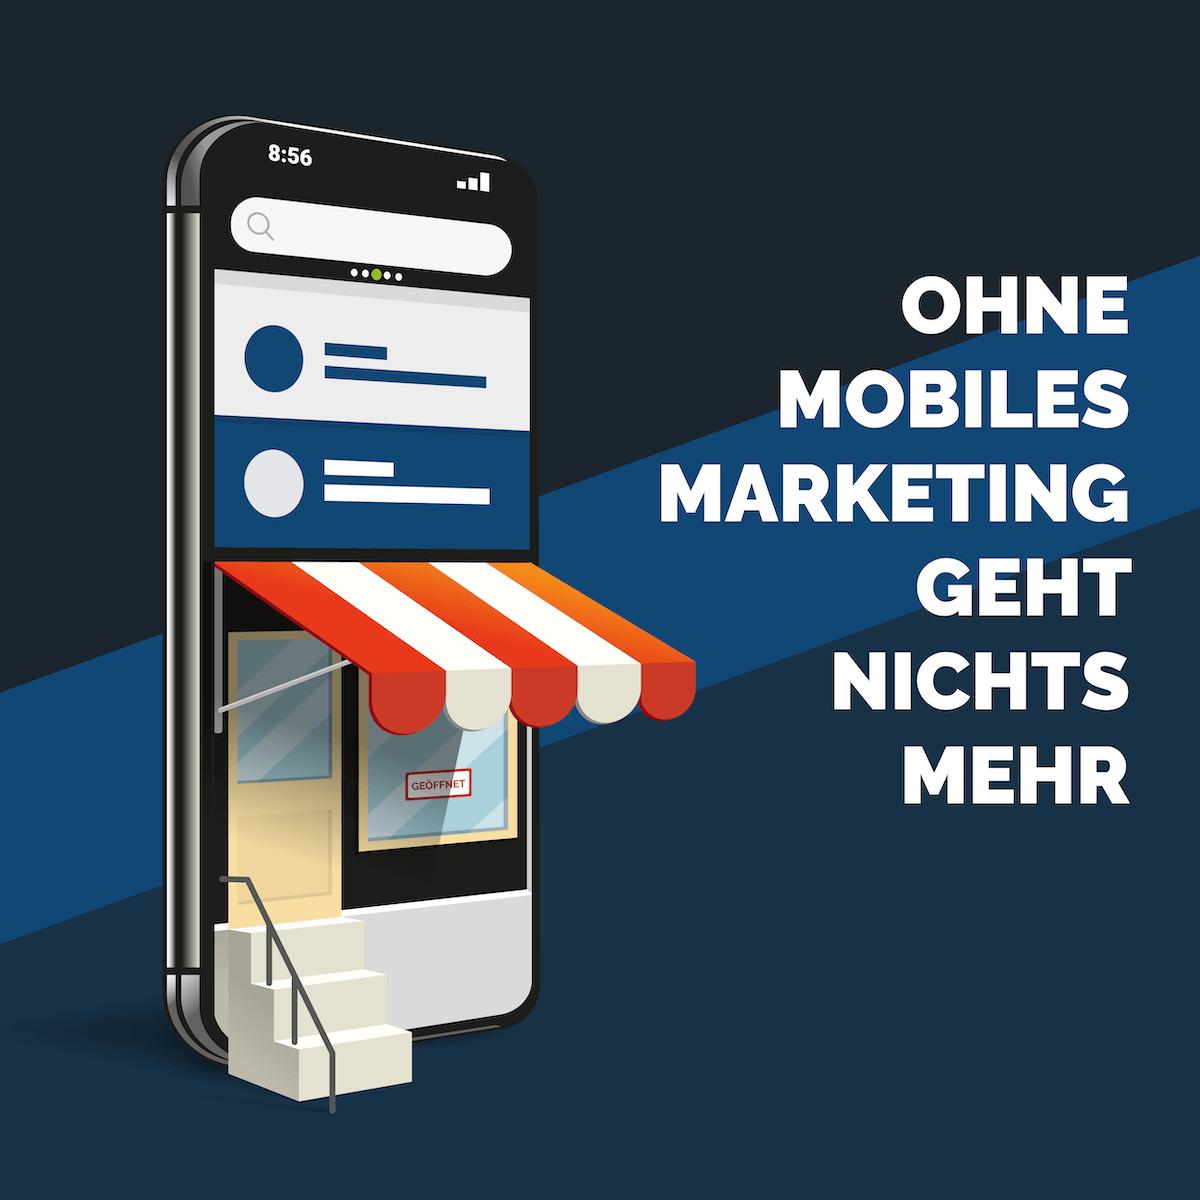 geschmacksRaum_WERBEAGENTUR_Ohne_mobiles_Marketing_geht_nichts_mehr_B-t